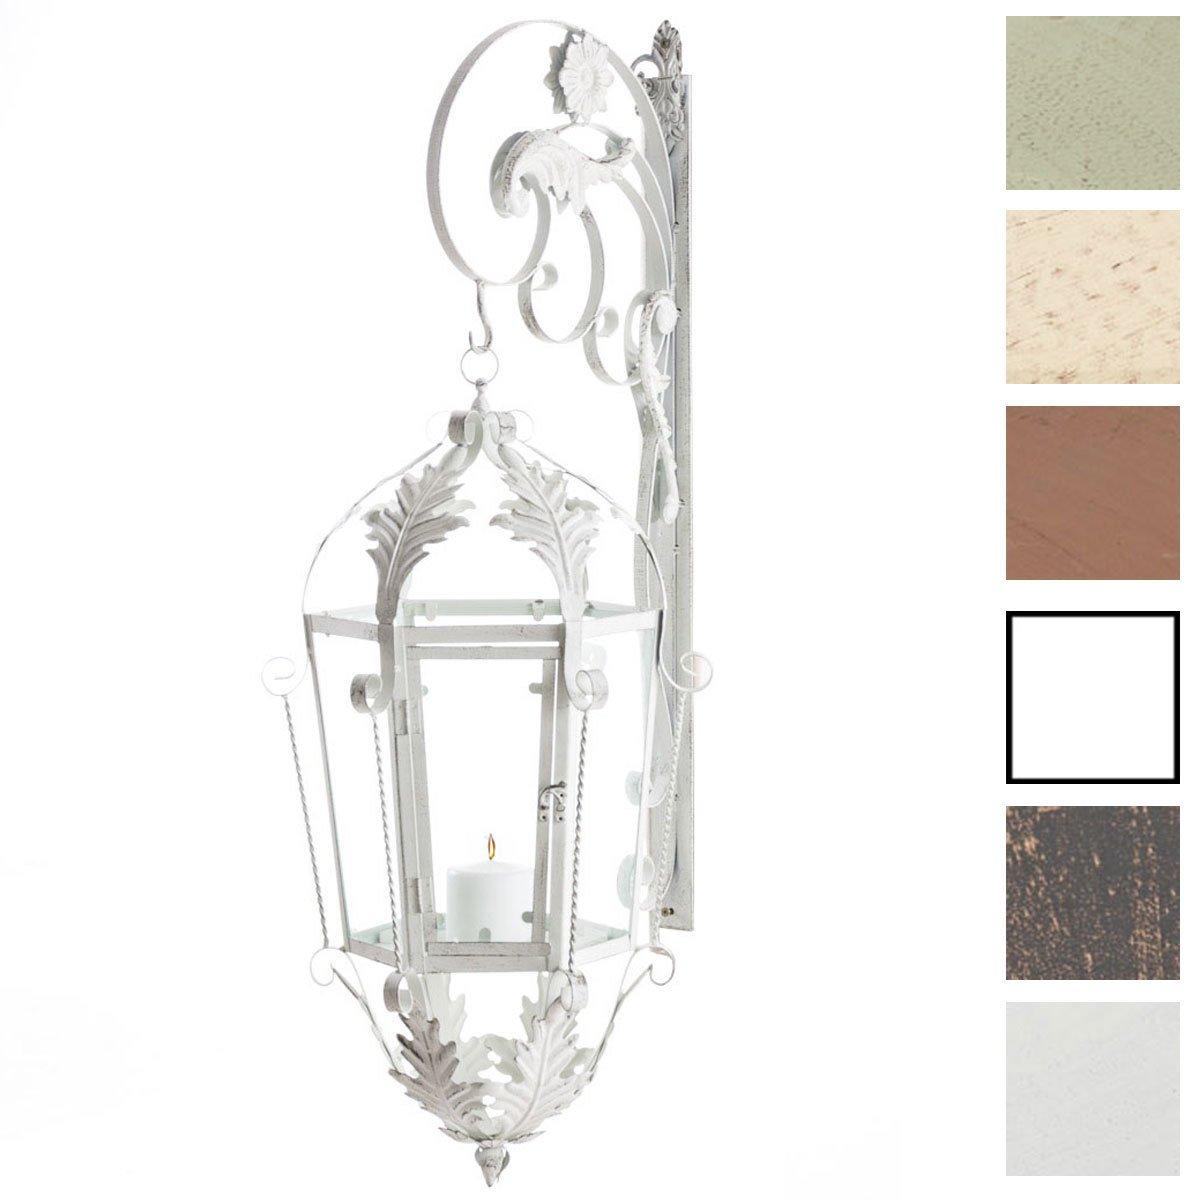 CLP Support pour Lanterne Odin - Support Murale pour Lampe d'Éclairage, Fabrication en Fer avec de Belles Décorations - Lampe Éclairage de Jardin Couleur au Choix: Blanc Antique